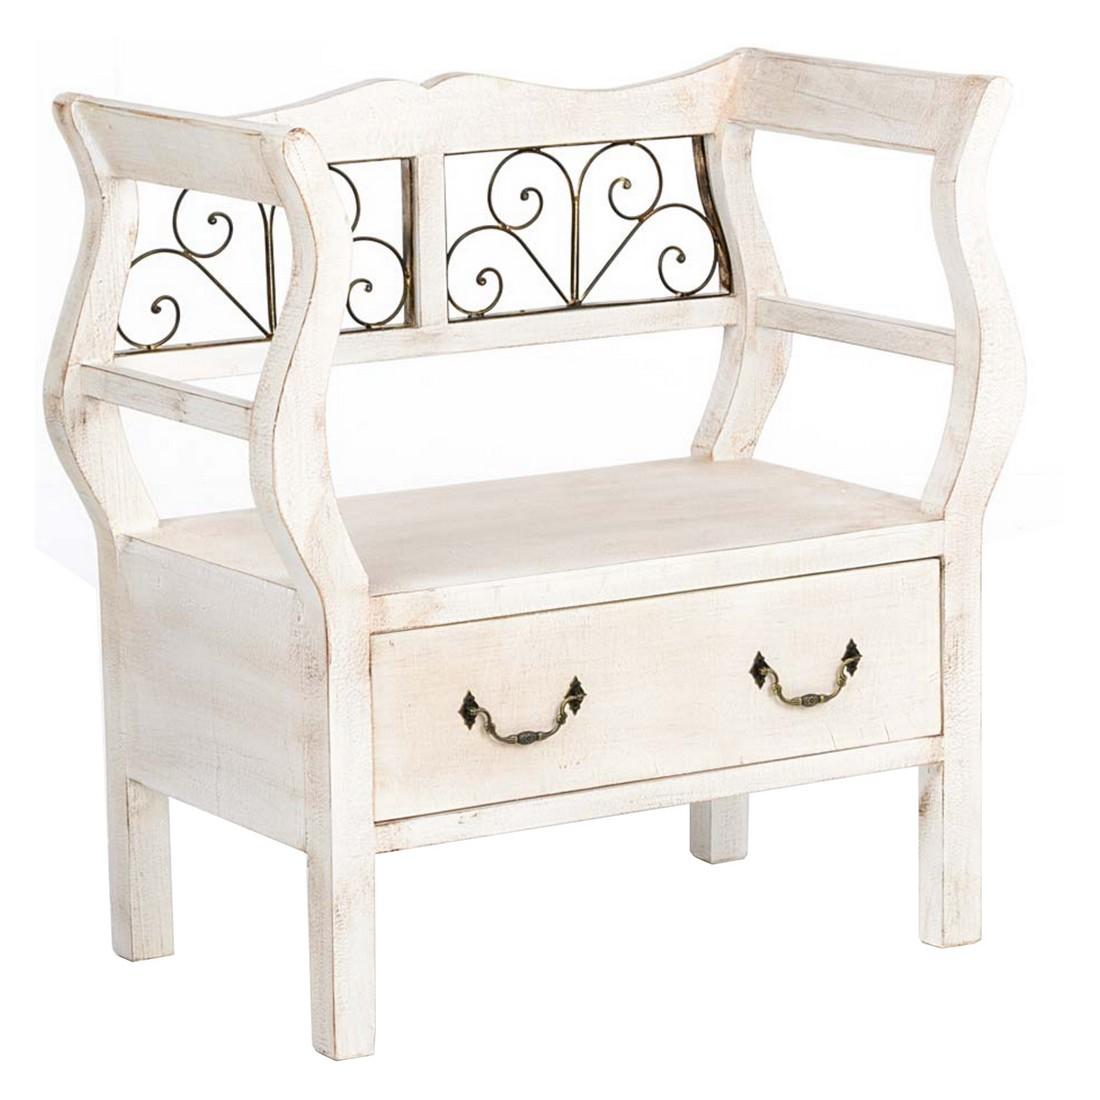 bank holz preisvergleich die besten angebote online kaufen. Black Bedroom Furniture Sets. Home Design Ideas